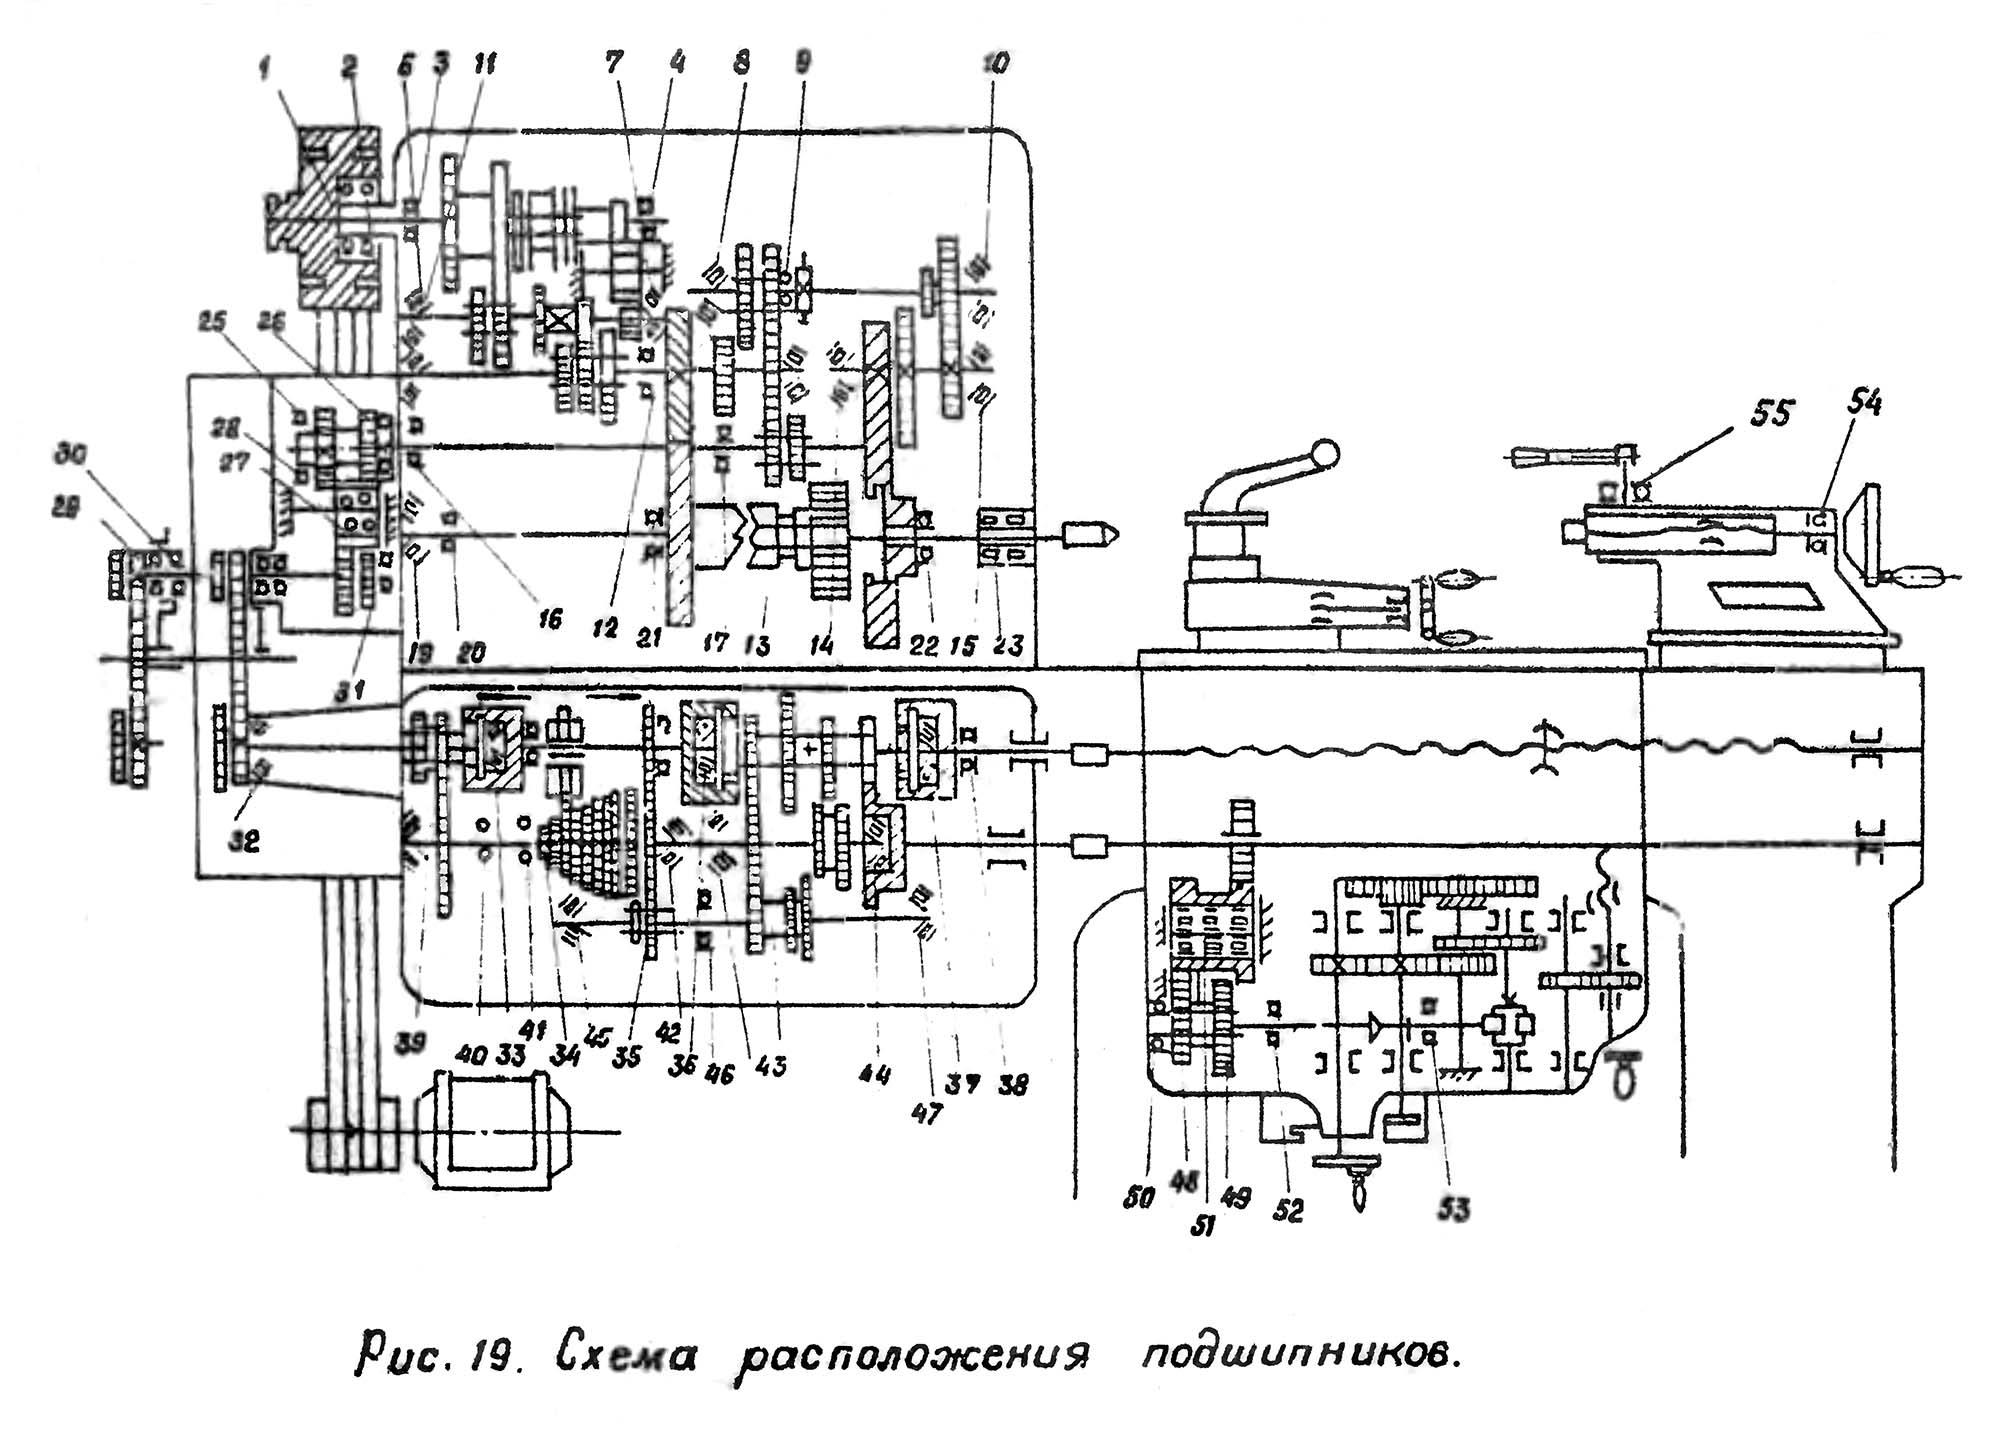 Токарно-винторезный станок 1М61